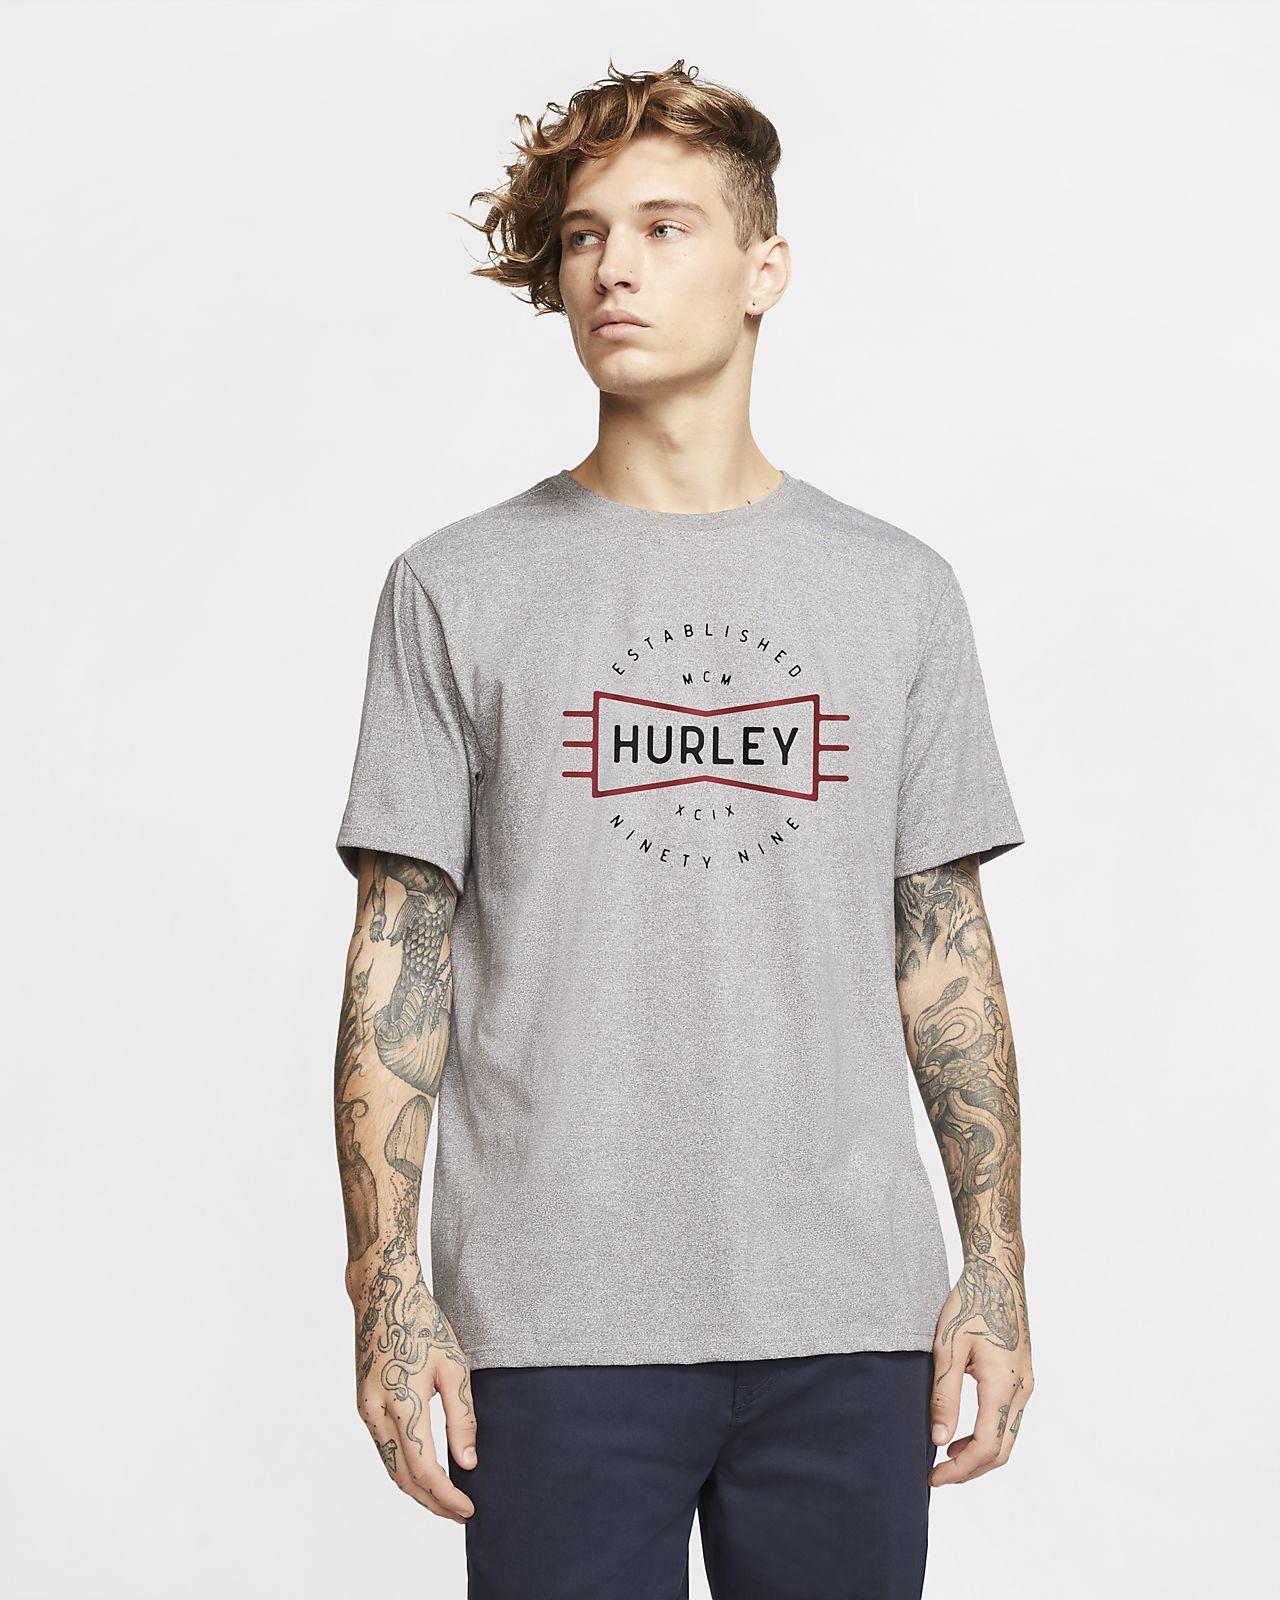 Playera de ajuste premium para hombre Hurley Bow Tie